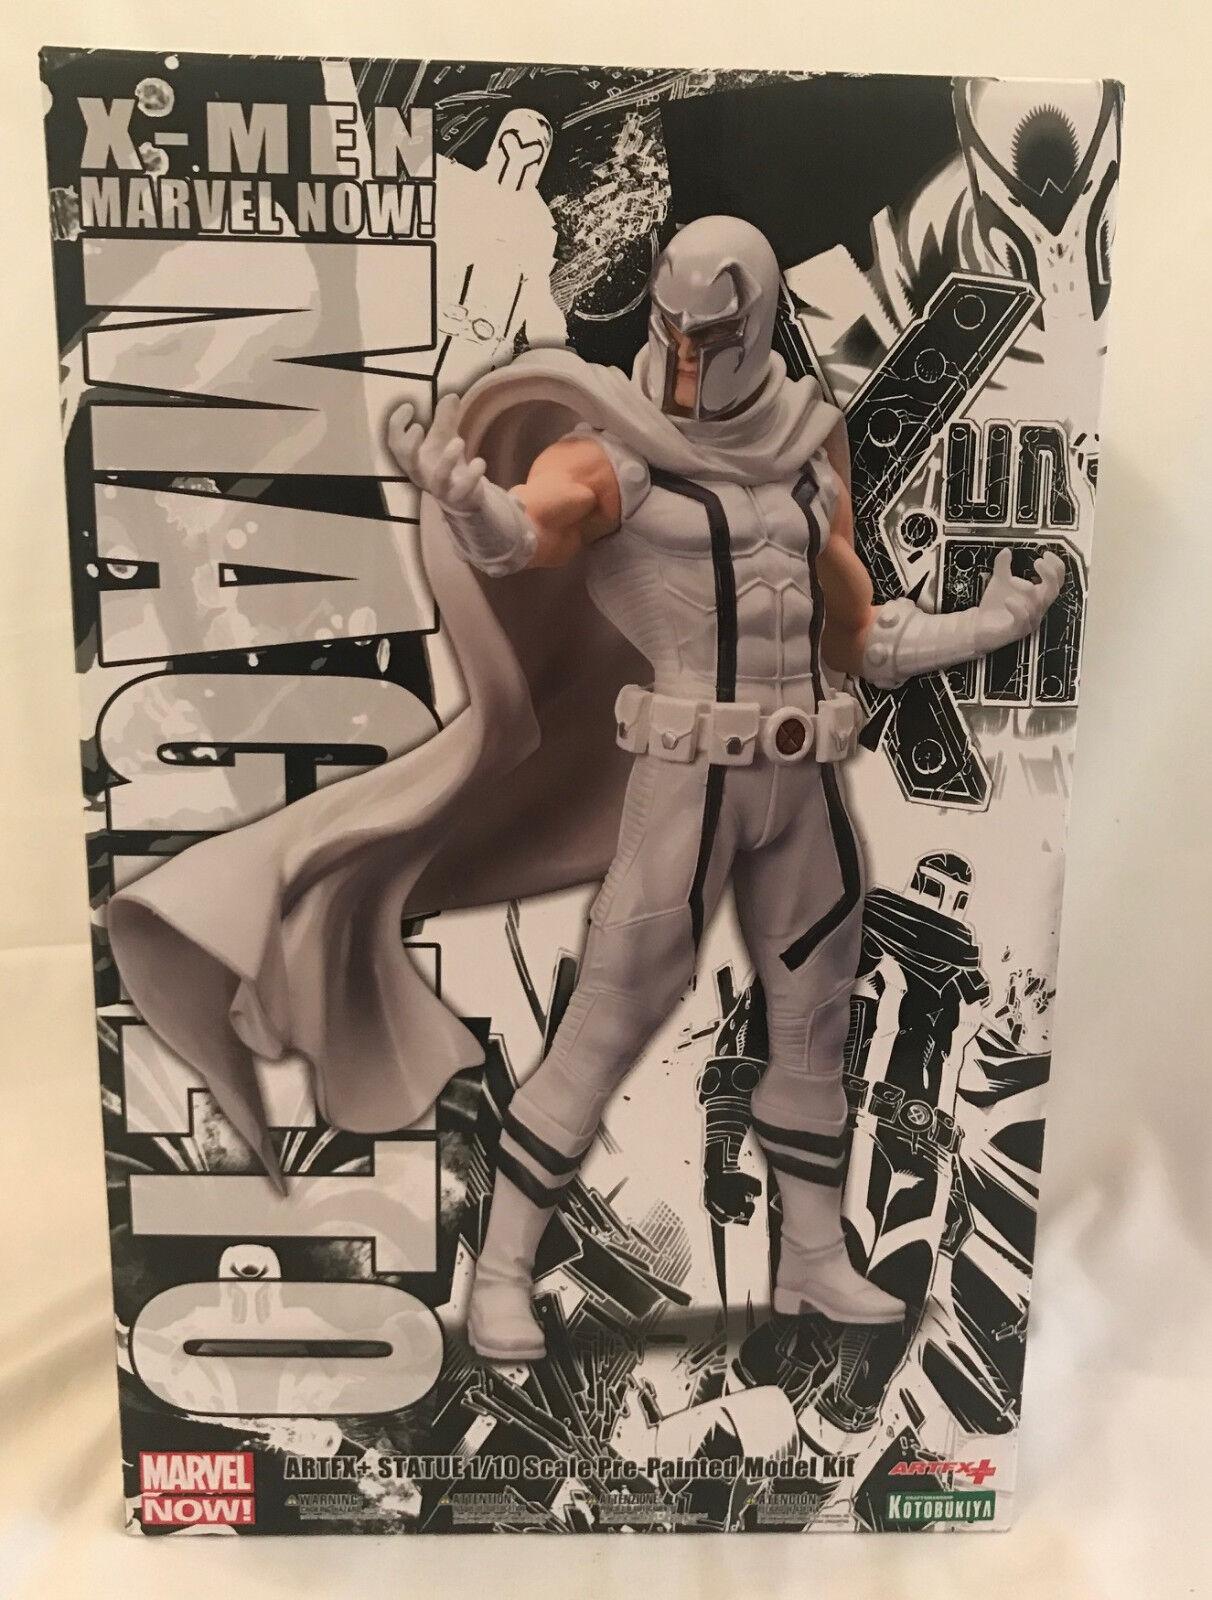 STATUE Kotobukiya MAGNETO Weiß  Marvel Now  X-Men Figurine PVC ARTFX